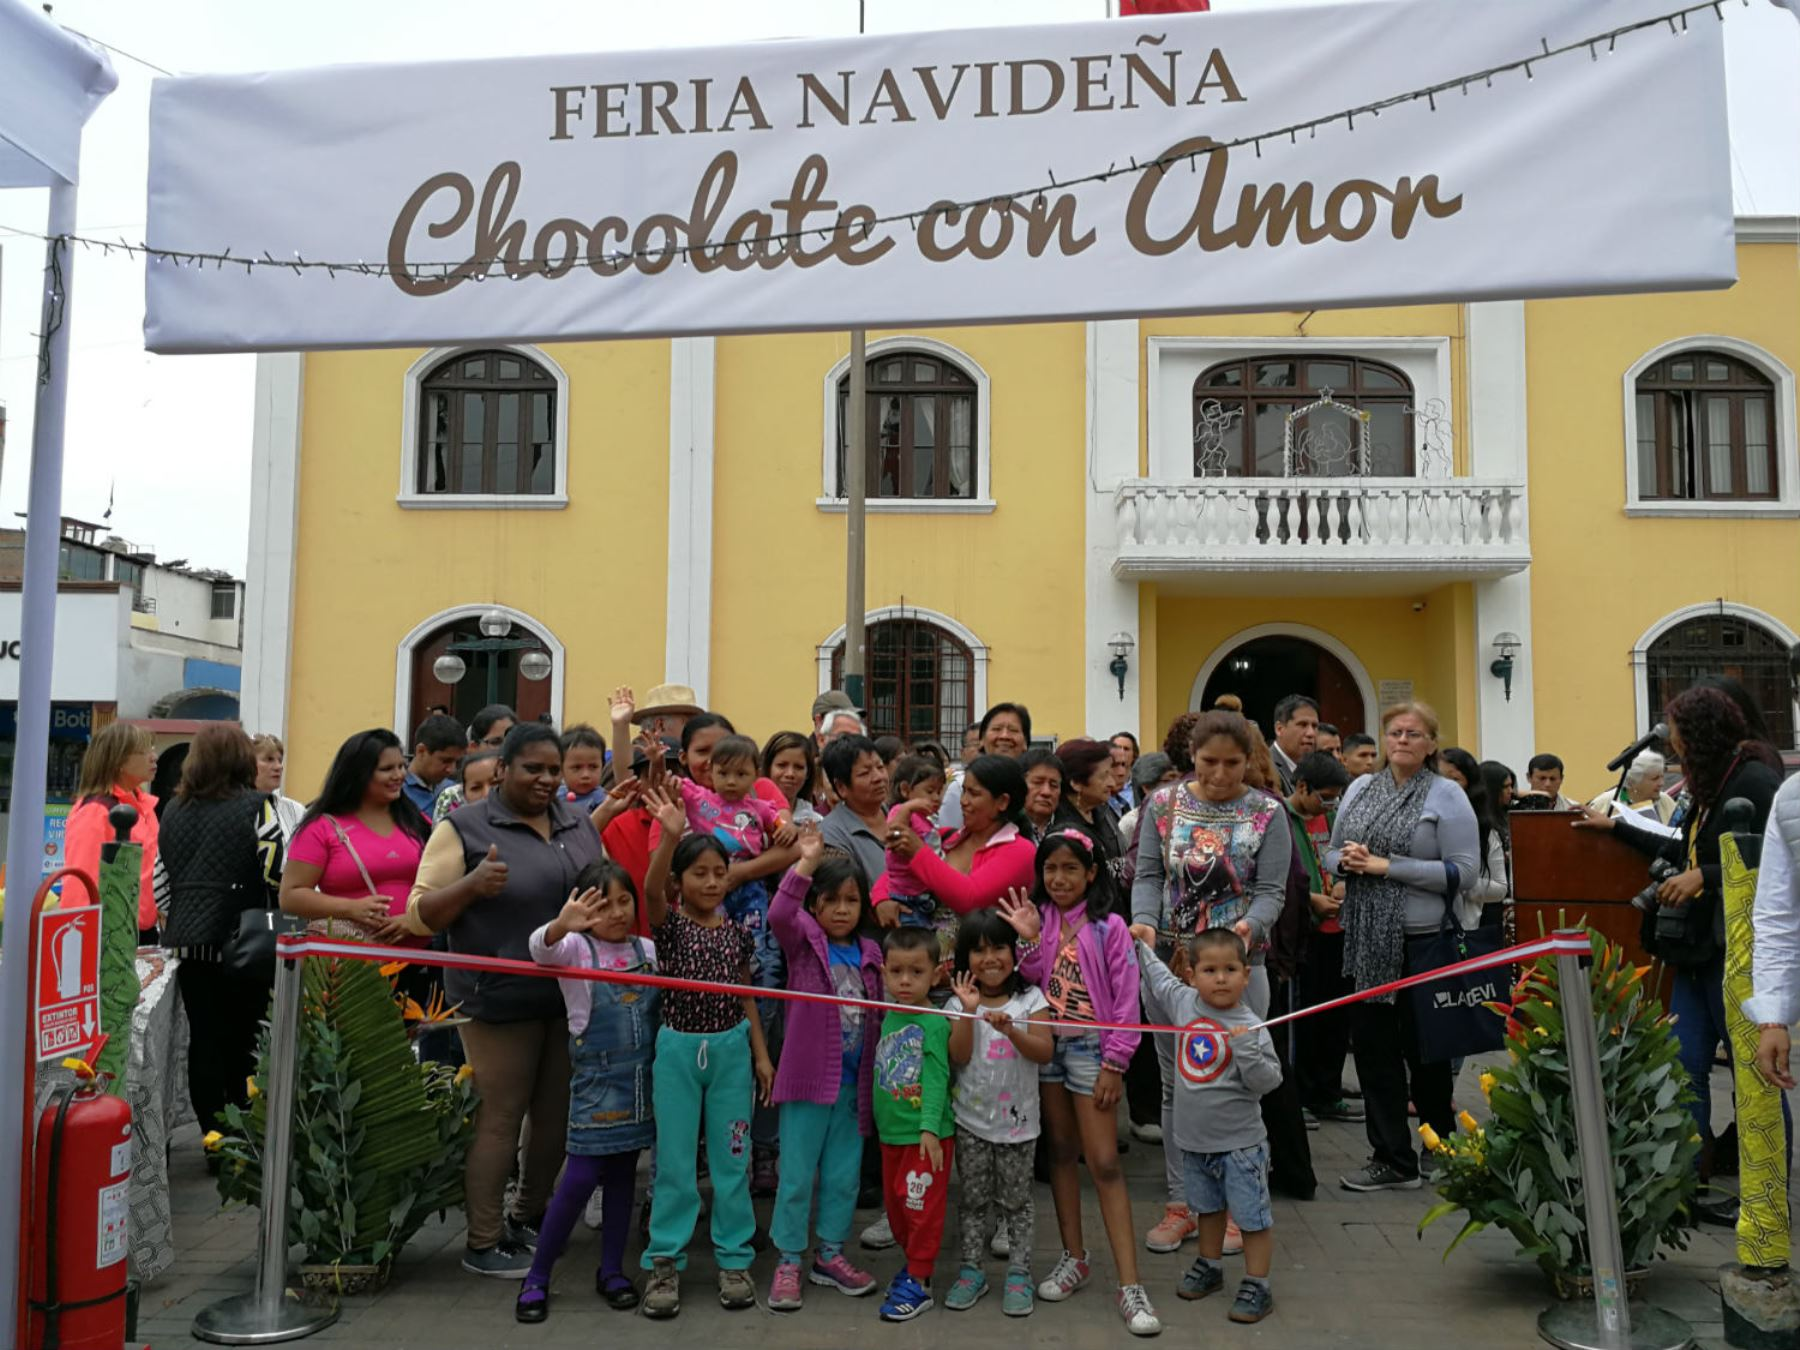 Feria navideña Chocolate con amor se abrió en Surco. Foto: Andina/Difusión